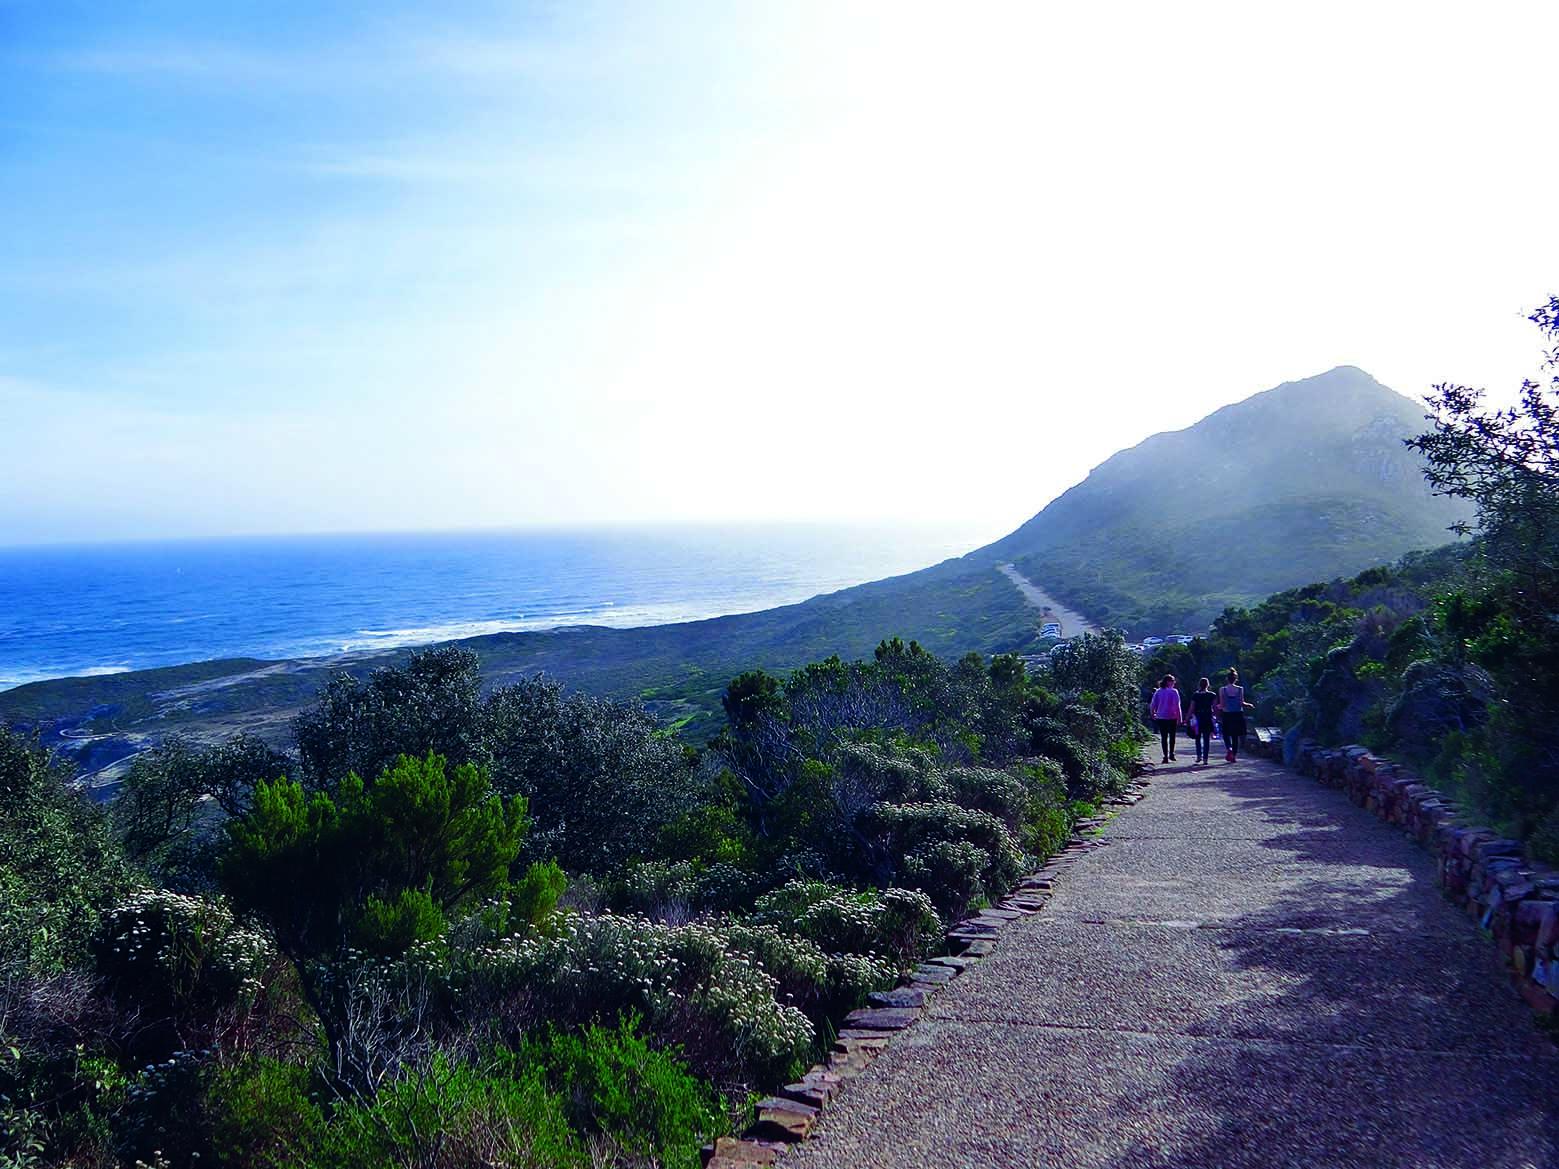 步行上山让我们看见了更多大自然的美景。